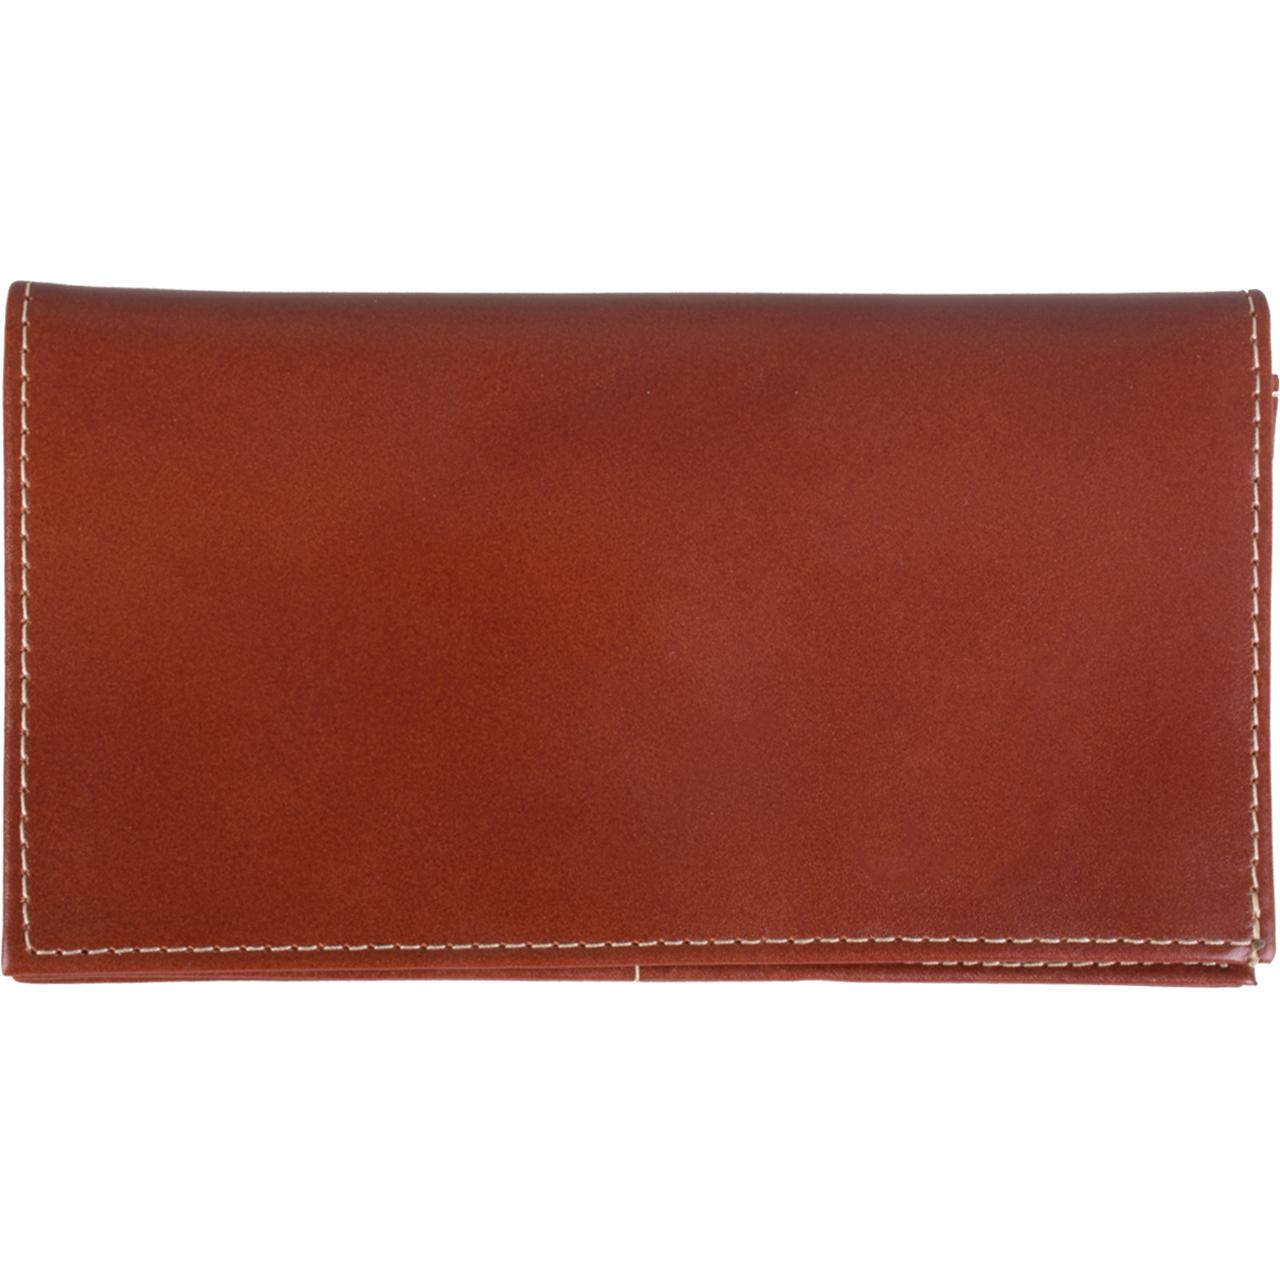 کیف پول مردانه چرم طبیعی زیویک مدل 001